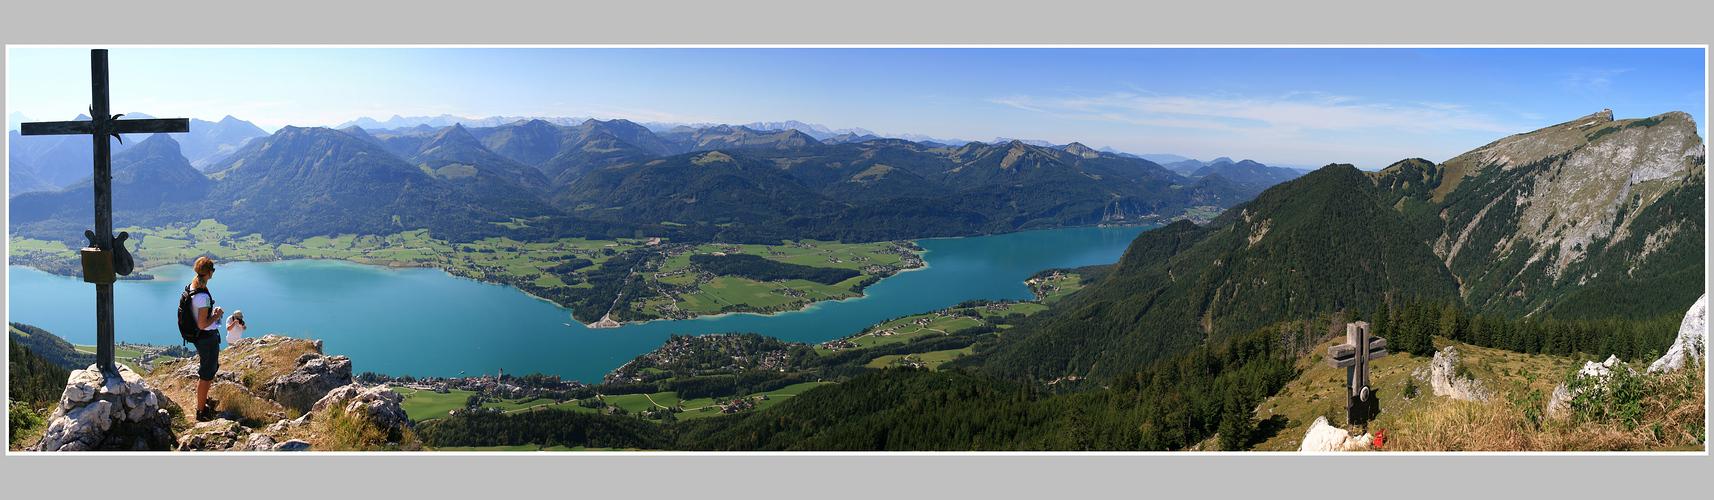 Von der Vormauer (1450m) auf den Wolfgangsee